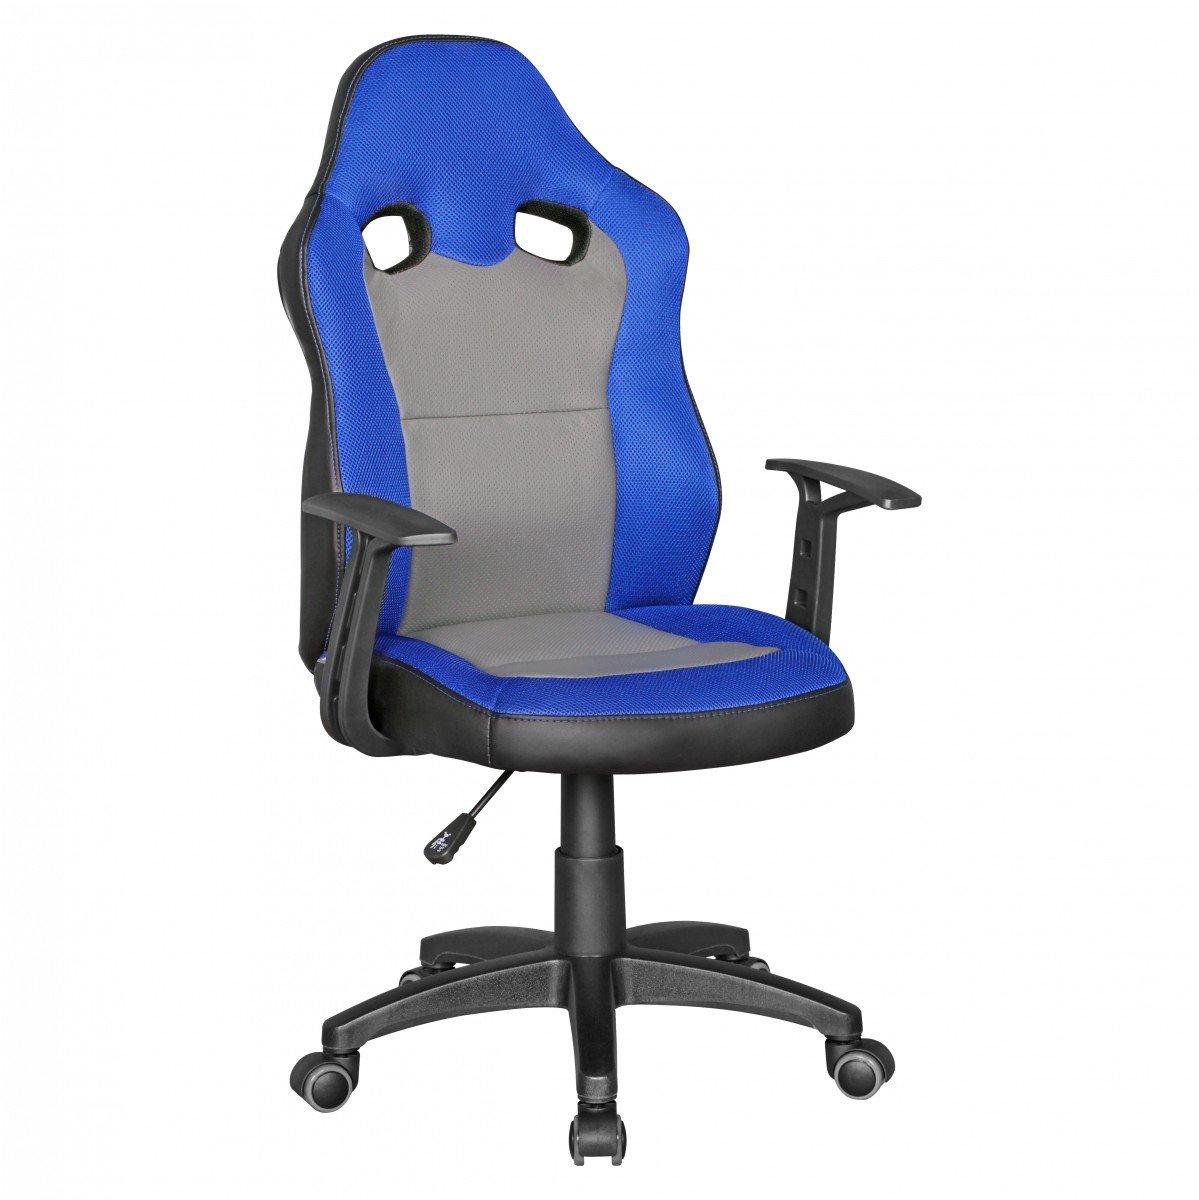 Idimex Chaise de bureau SPEEDY Bleu-gris pour enfants de 8 avec dossier et roulettes jeunesse Chaise sols durs